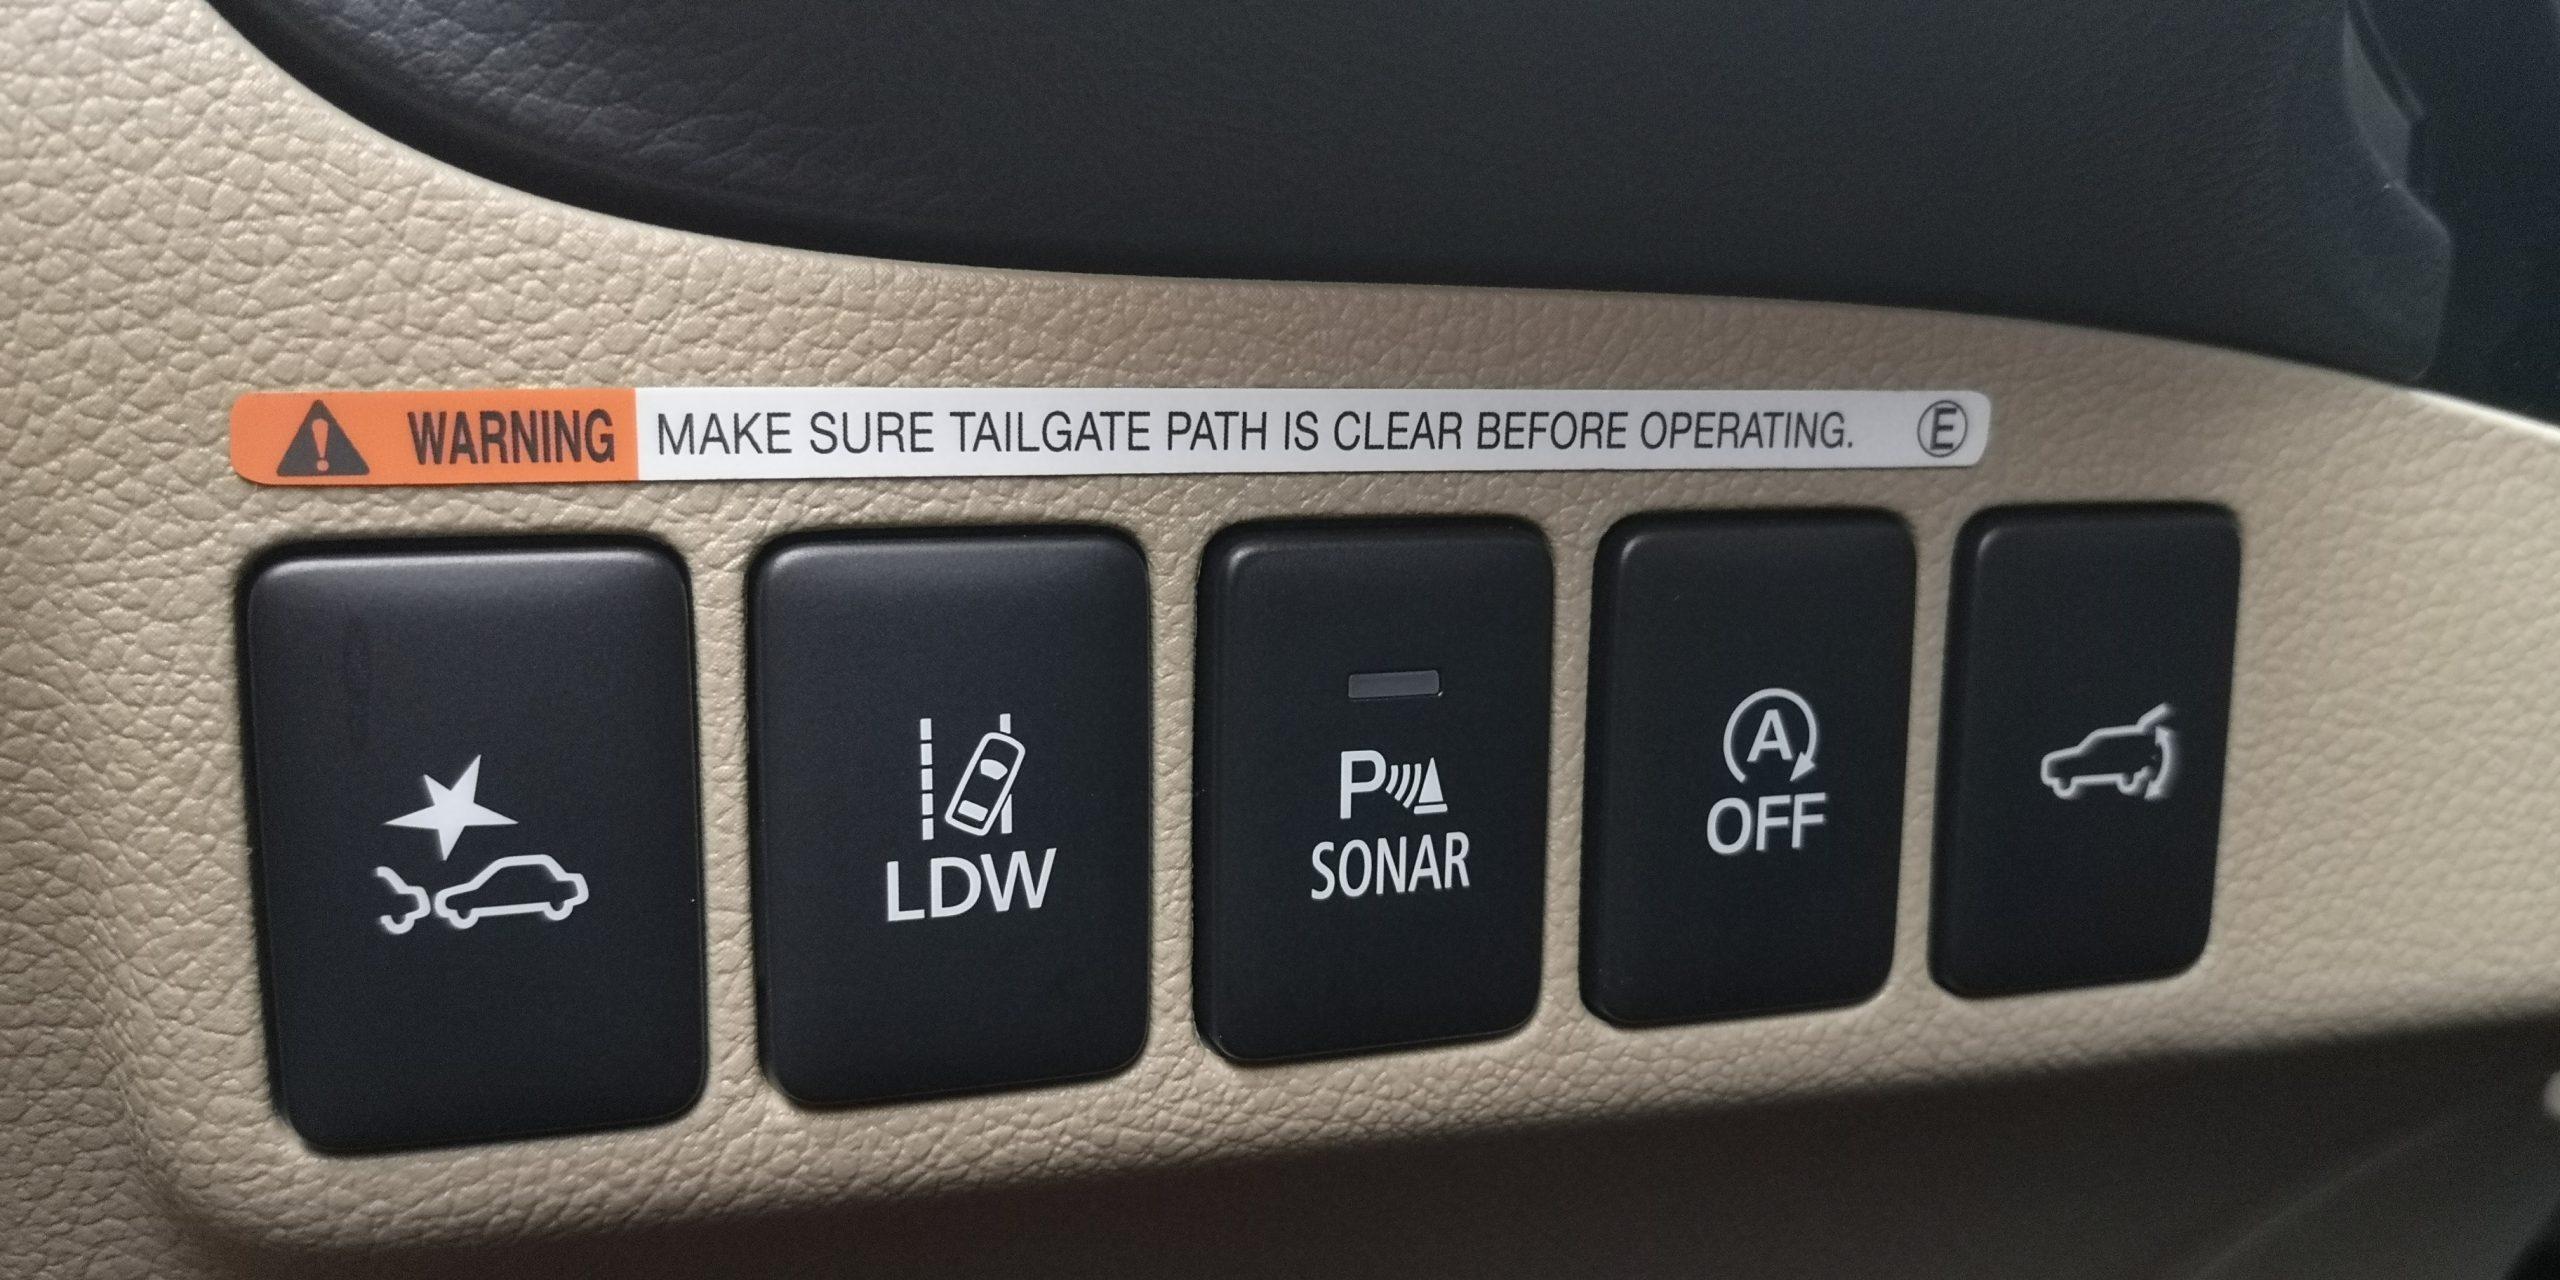 Self Driving cars - sonar